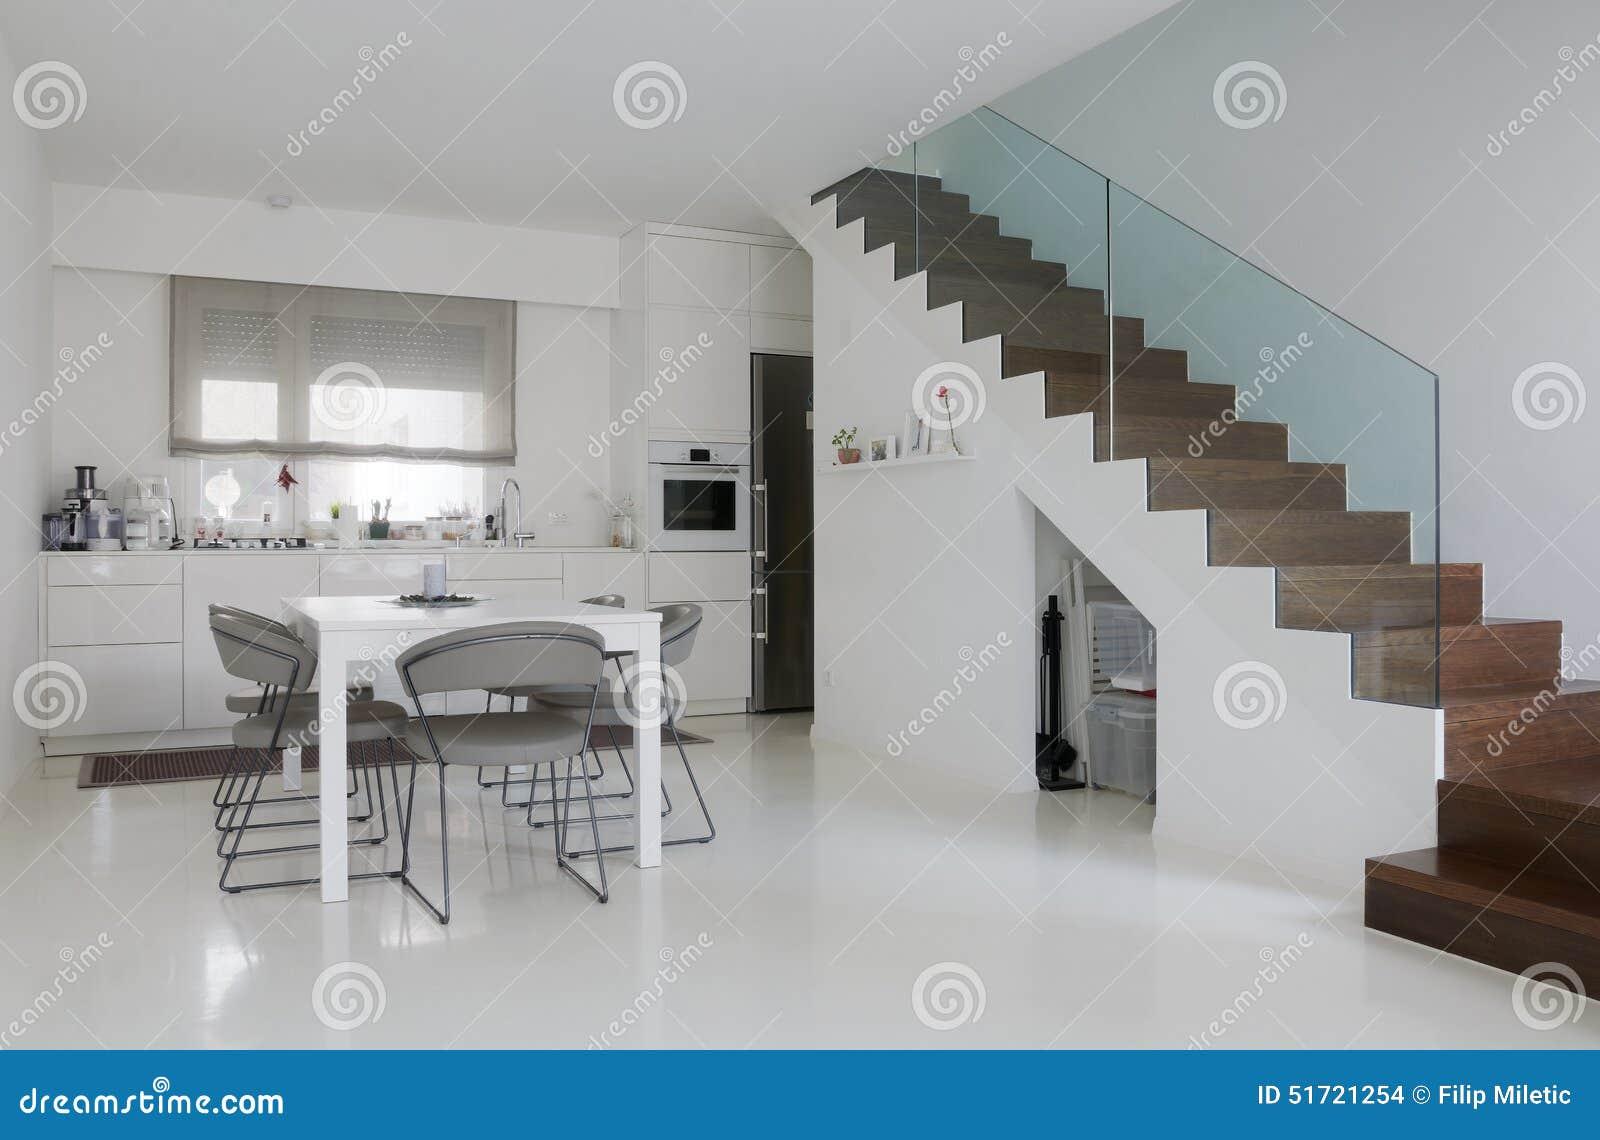 Cucina E Sala Da Pranzo Bianche Stock Photos - 64 Images